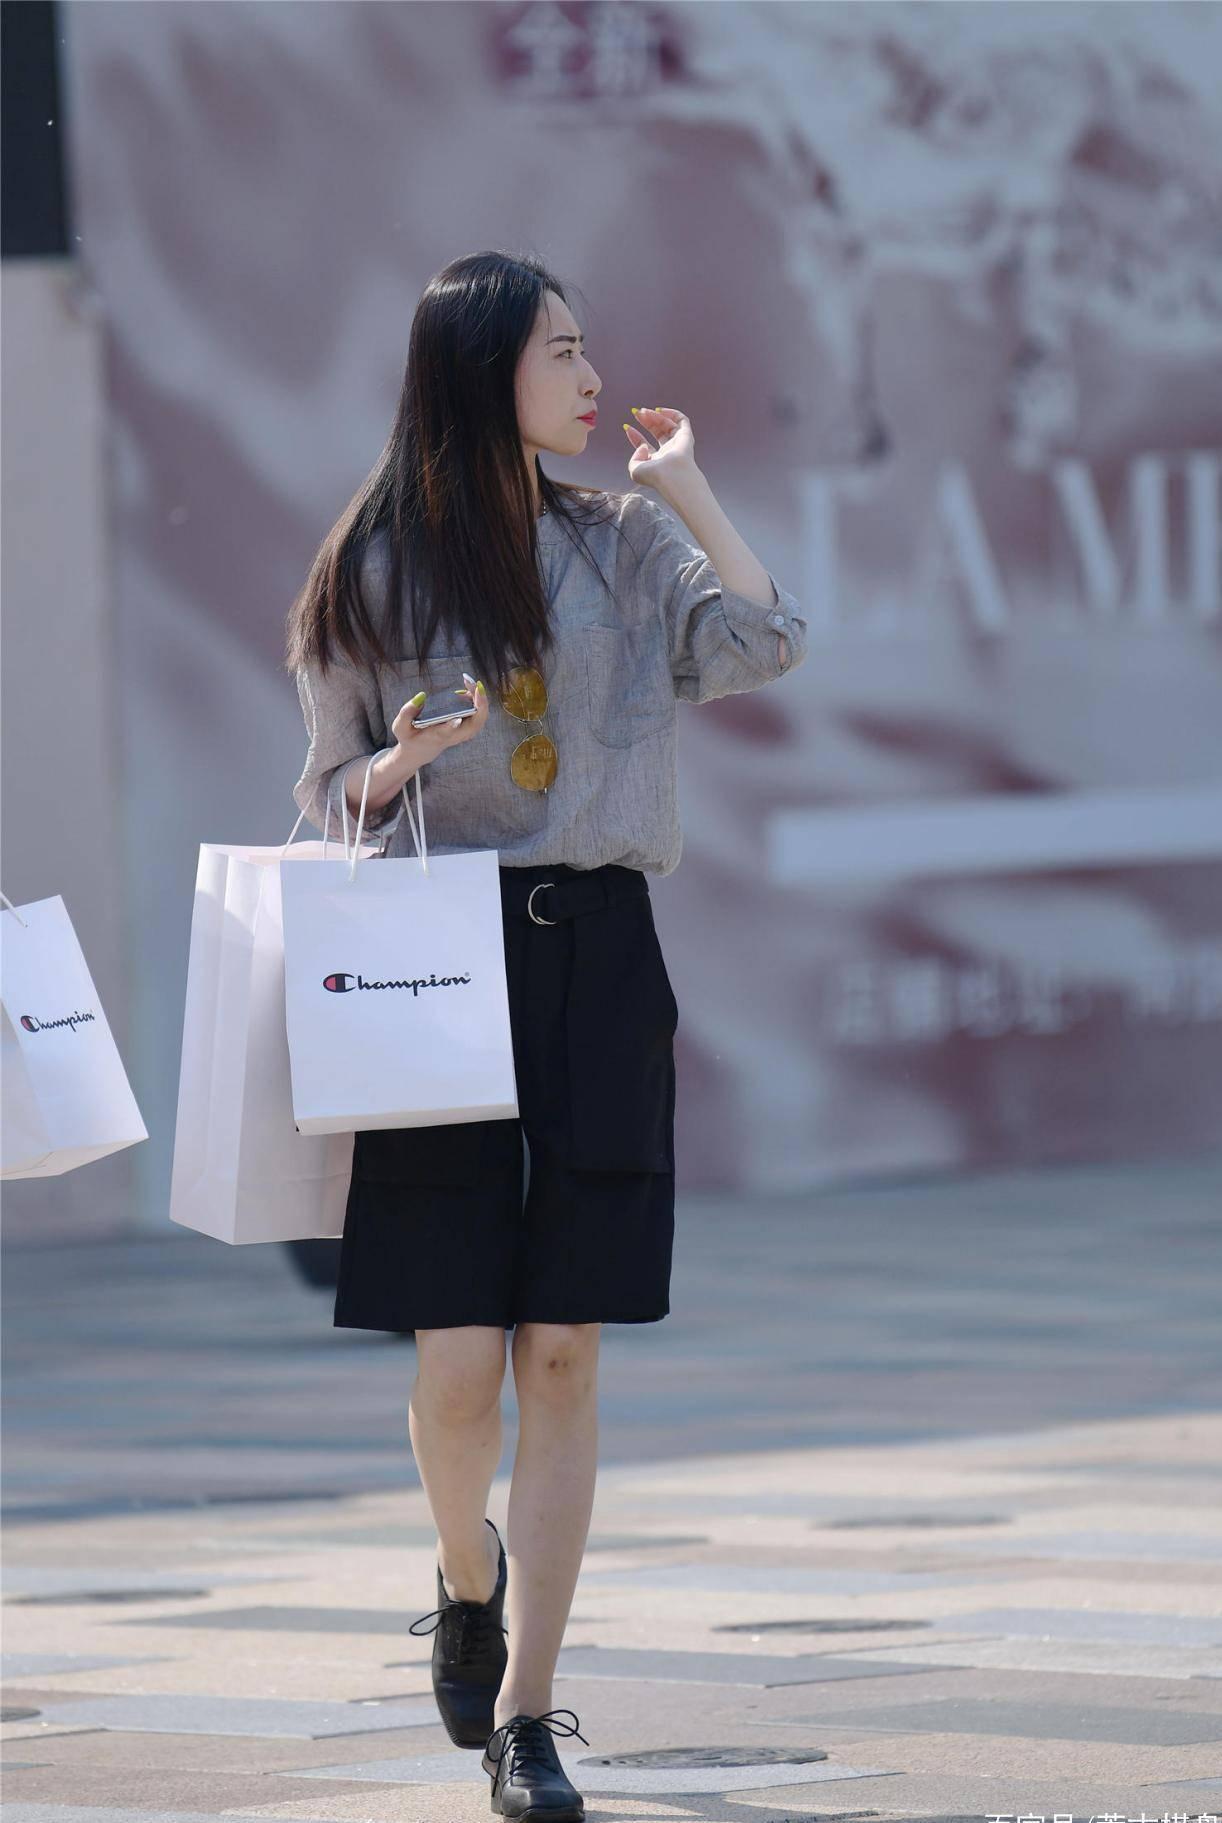 五月的北京时尚街头,穿着五分短裤的姑娘,过一个不一样的夏天